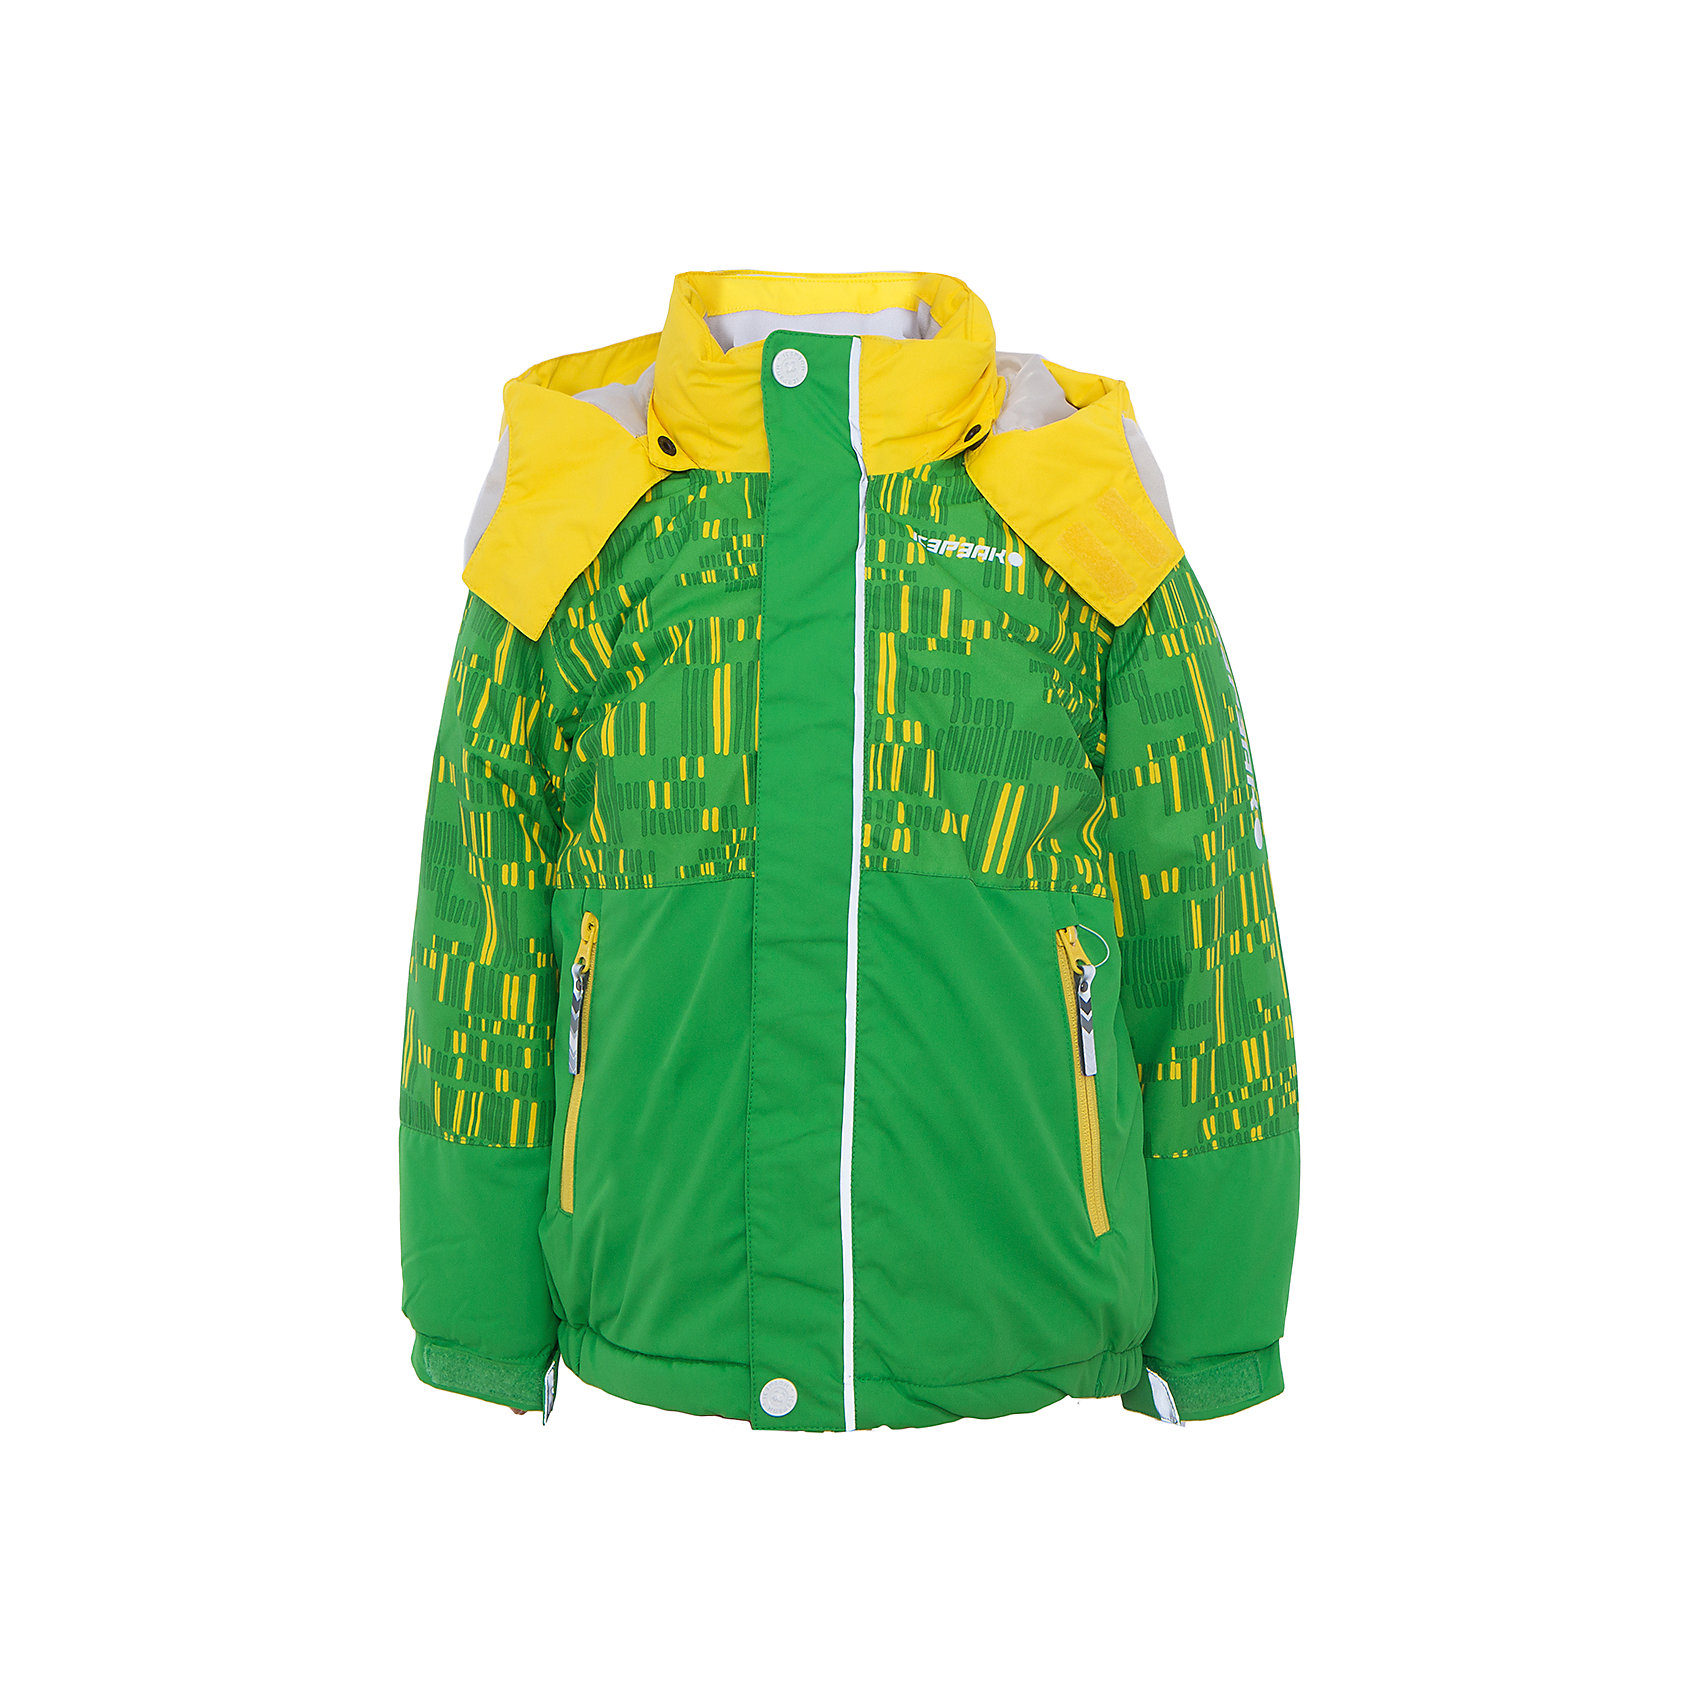 Куртка для мальчика ICEPEAKКуртка для мальчика от известного бренда ICEPEAK.<br>Куртка с отстегивающимся капюшоном, принт, молния закрыта планкой, сформированный локоть, утяжка в нижней части куртки, регулируемый рукав на липучке, утепленные и мягкие боковые карманы на молнии, мягкий и теплый внутренний воротник, светоотражающие элементы, искусственный утеплитель Finnwad, утепление 220/200 гр., рекомендуемый температурный режим до -25 град.<br>Технологии: Icemax 5000/2000 mm, Taped seams, Children's safety, Reflectors<br>Состав:<br>100% полиэстер<br><br>Ширина мм: 356<br>Глубина мм: 10<br>Высота мм: 245<br>Вес г: 519<br>Цвет: зеленый<br>Возраст от месяцев: 36<br>Возраст до месяцев: 48<br>Пол: Мужской<br>Возраст: Детский<br>Размер: 104,110,116,122<br>SKU: 5413872